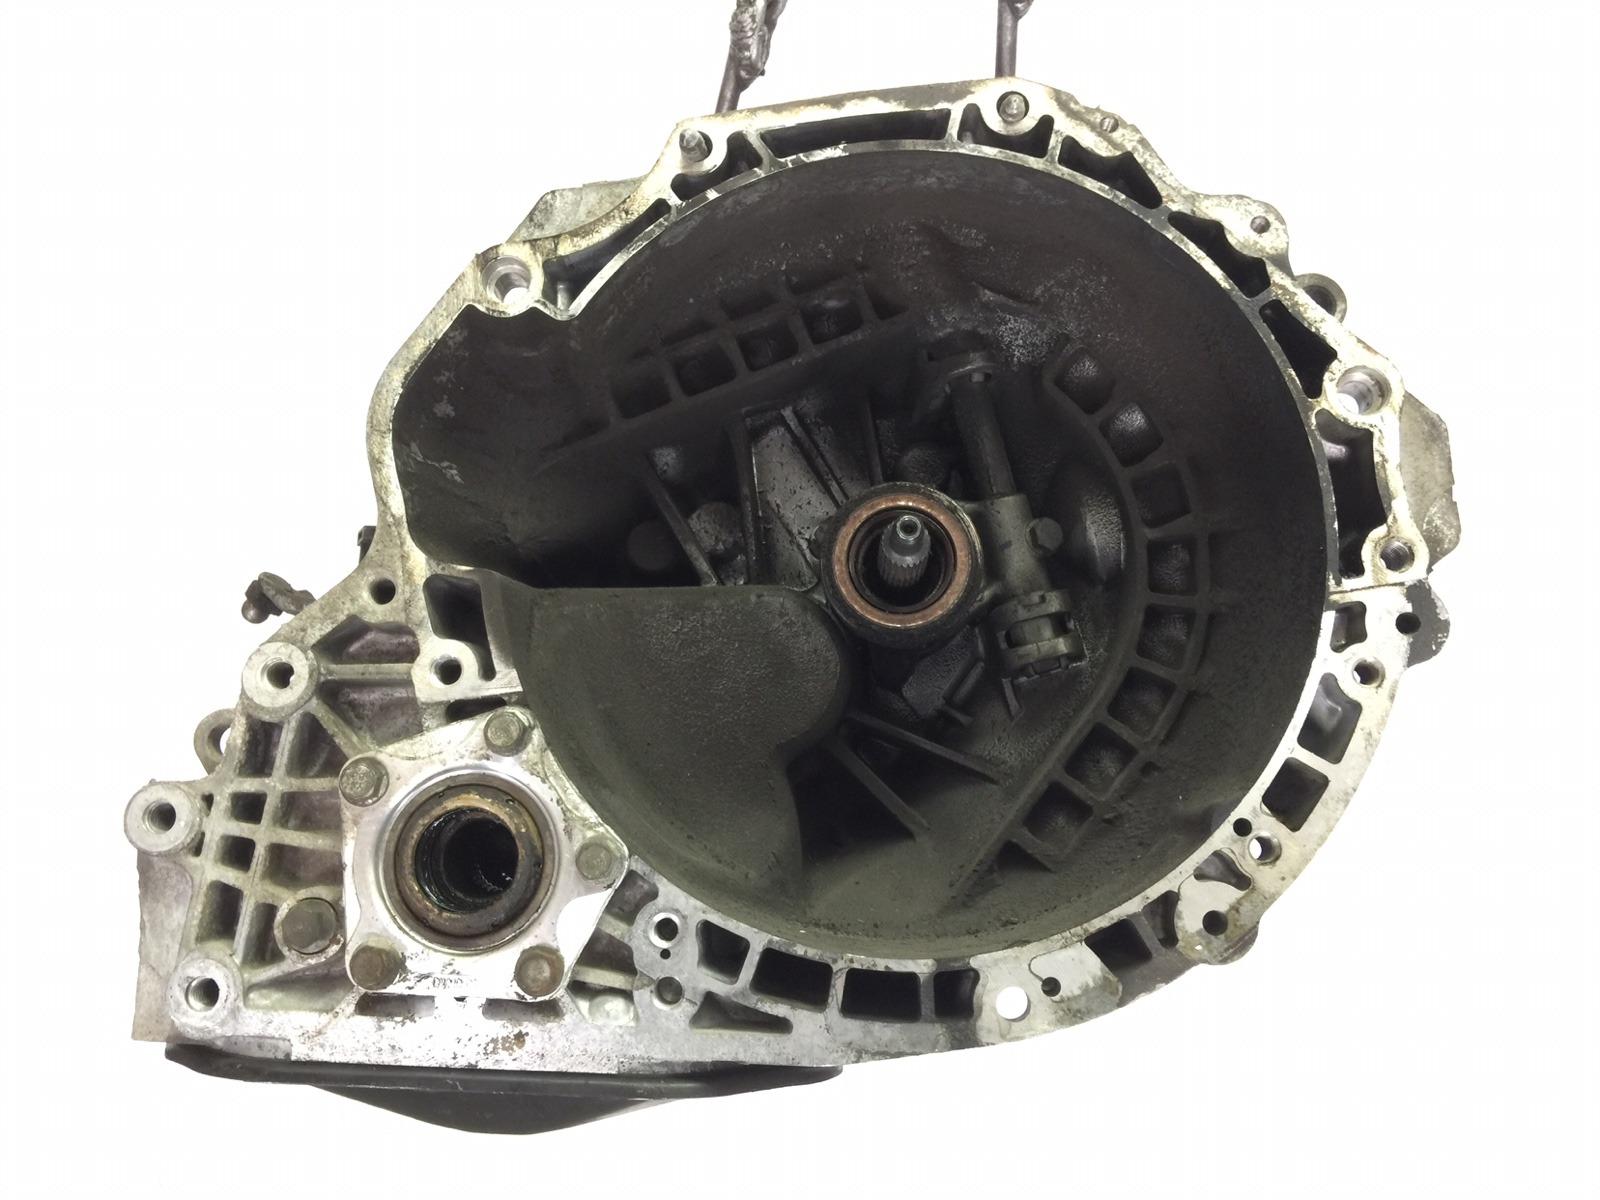 Кпп механическая (мкпп) Chevrolet Aveo T250 1.4 I 2010 (б/у)